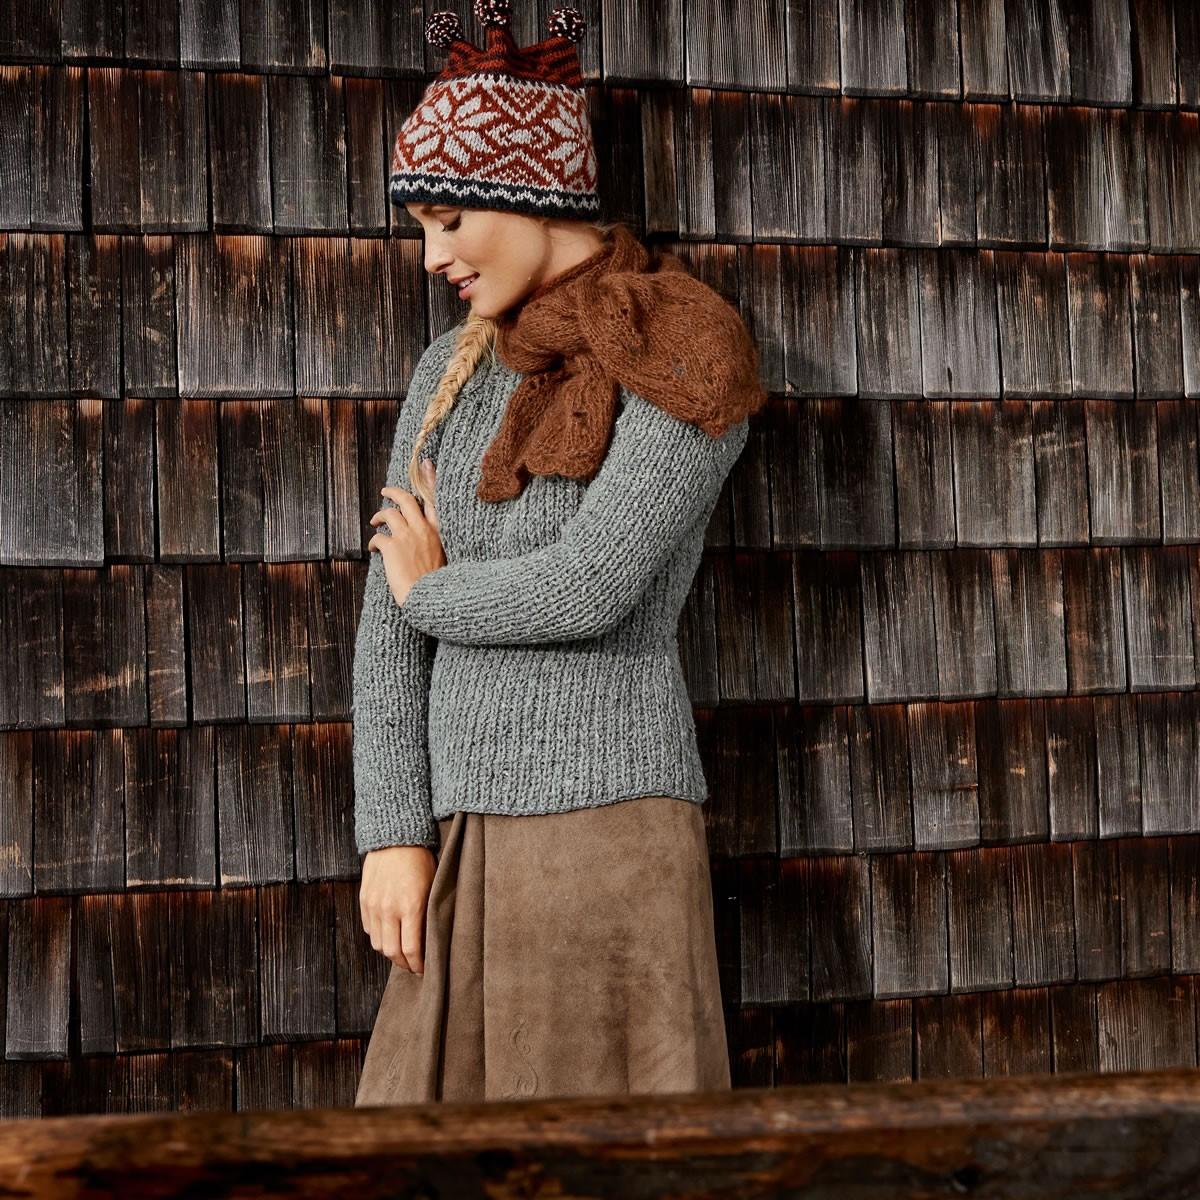 Lana Grossa Шапка с жаккардовым узором и полосами Alta Moda Alpaca